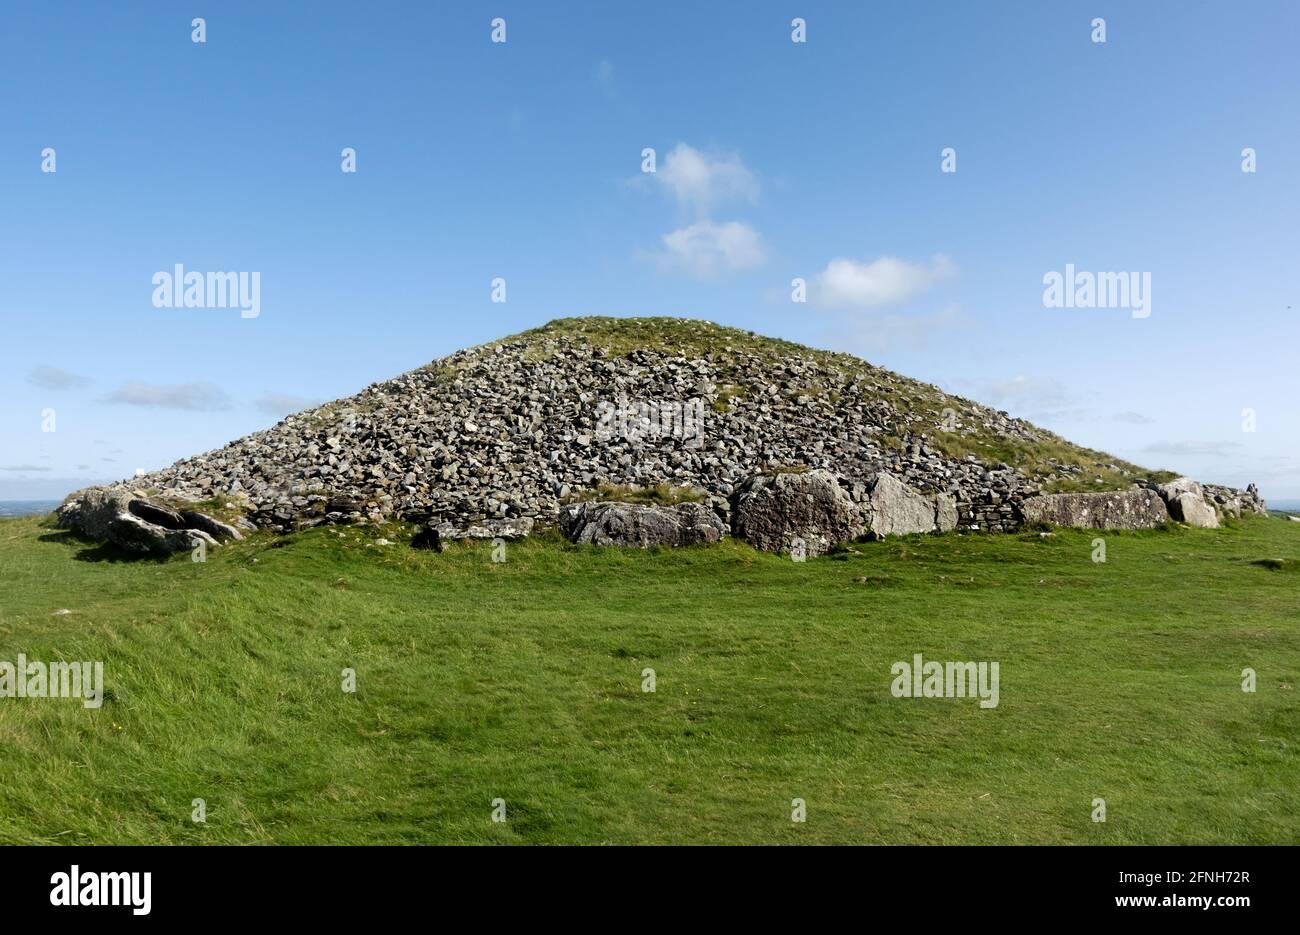 Loughcrews Ancient passage Tombs, Co Meath, Irlande, le cairn est connu localement sous le nom de la grotte des sorcières Banque D'Images